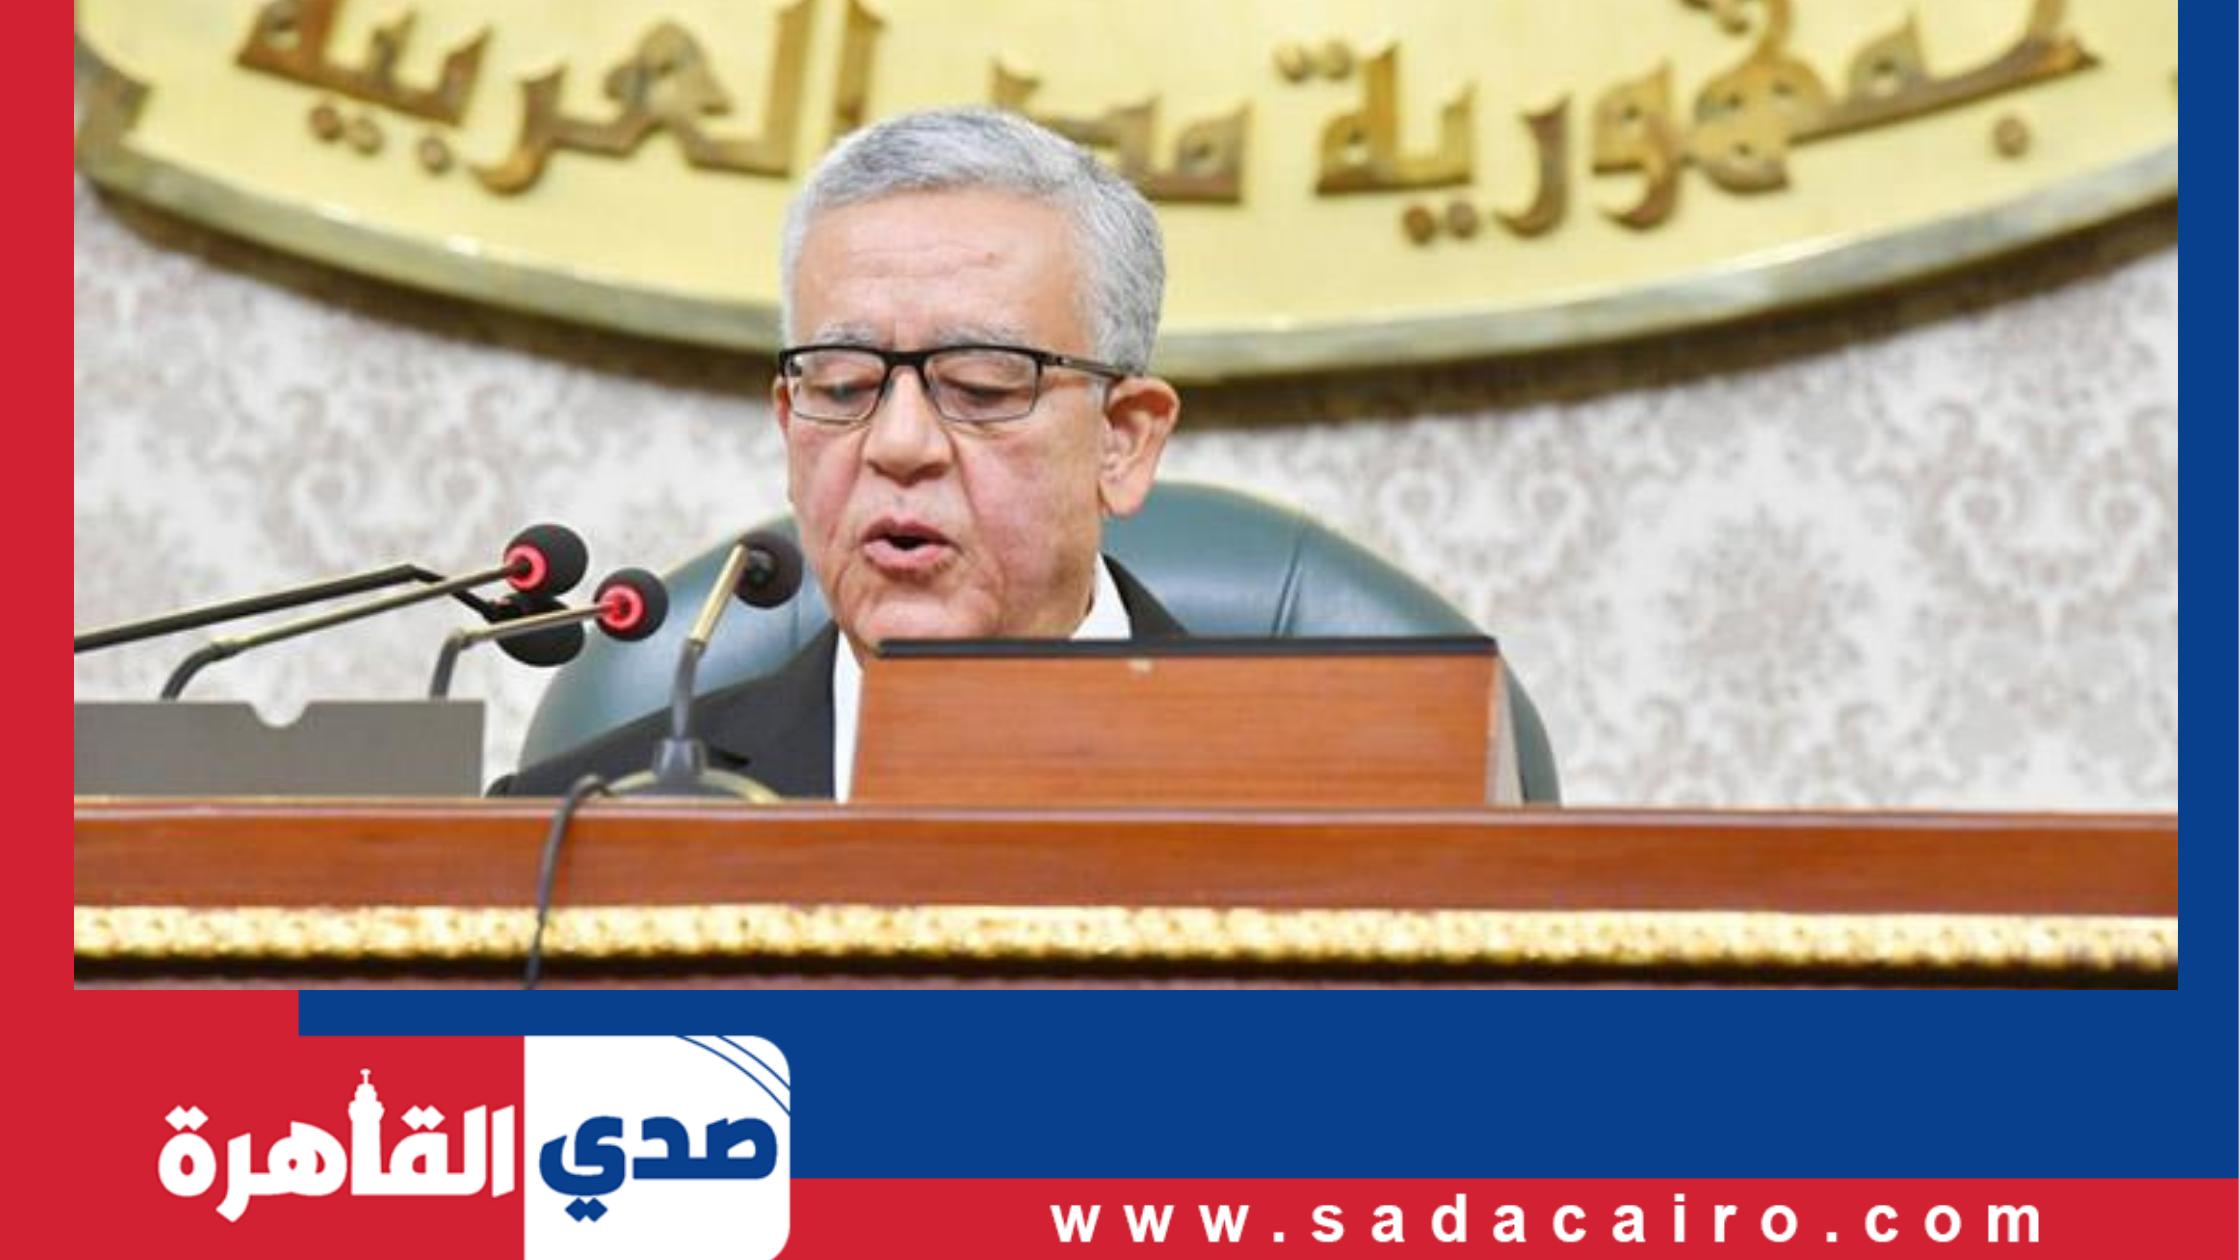 مجلس النواب يقرر الموافقة على تعديل اللائحة الداخلية